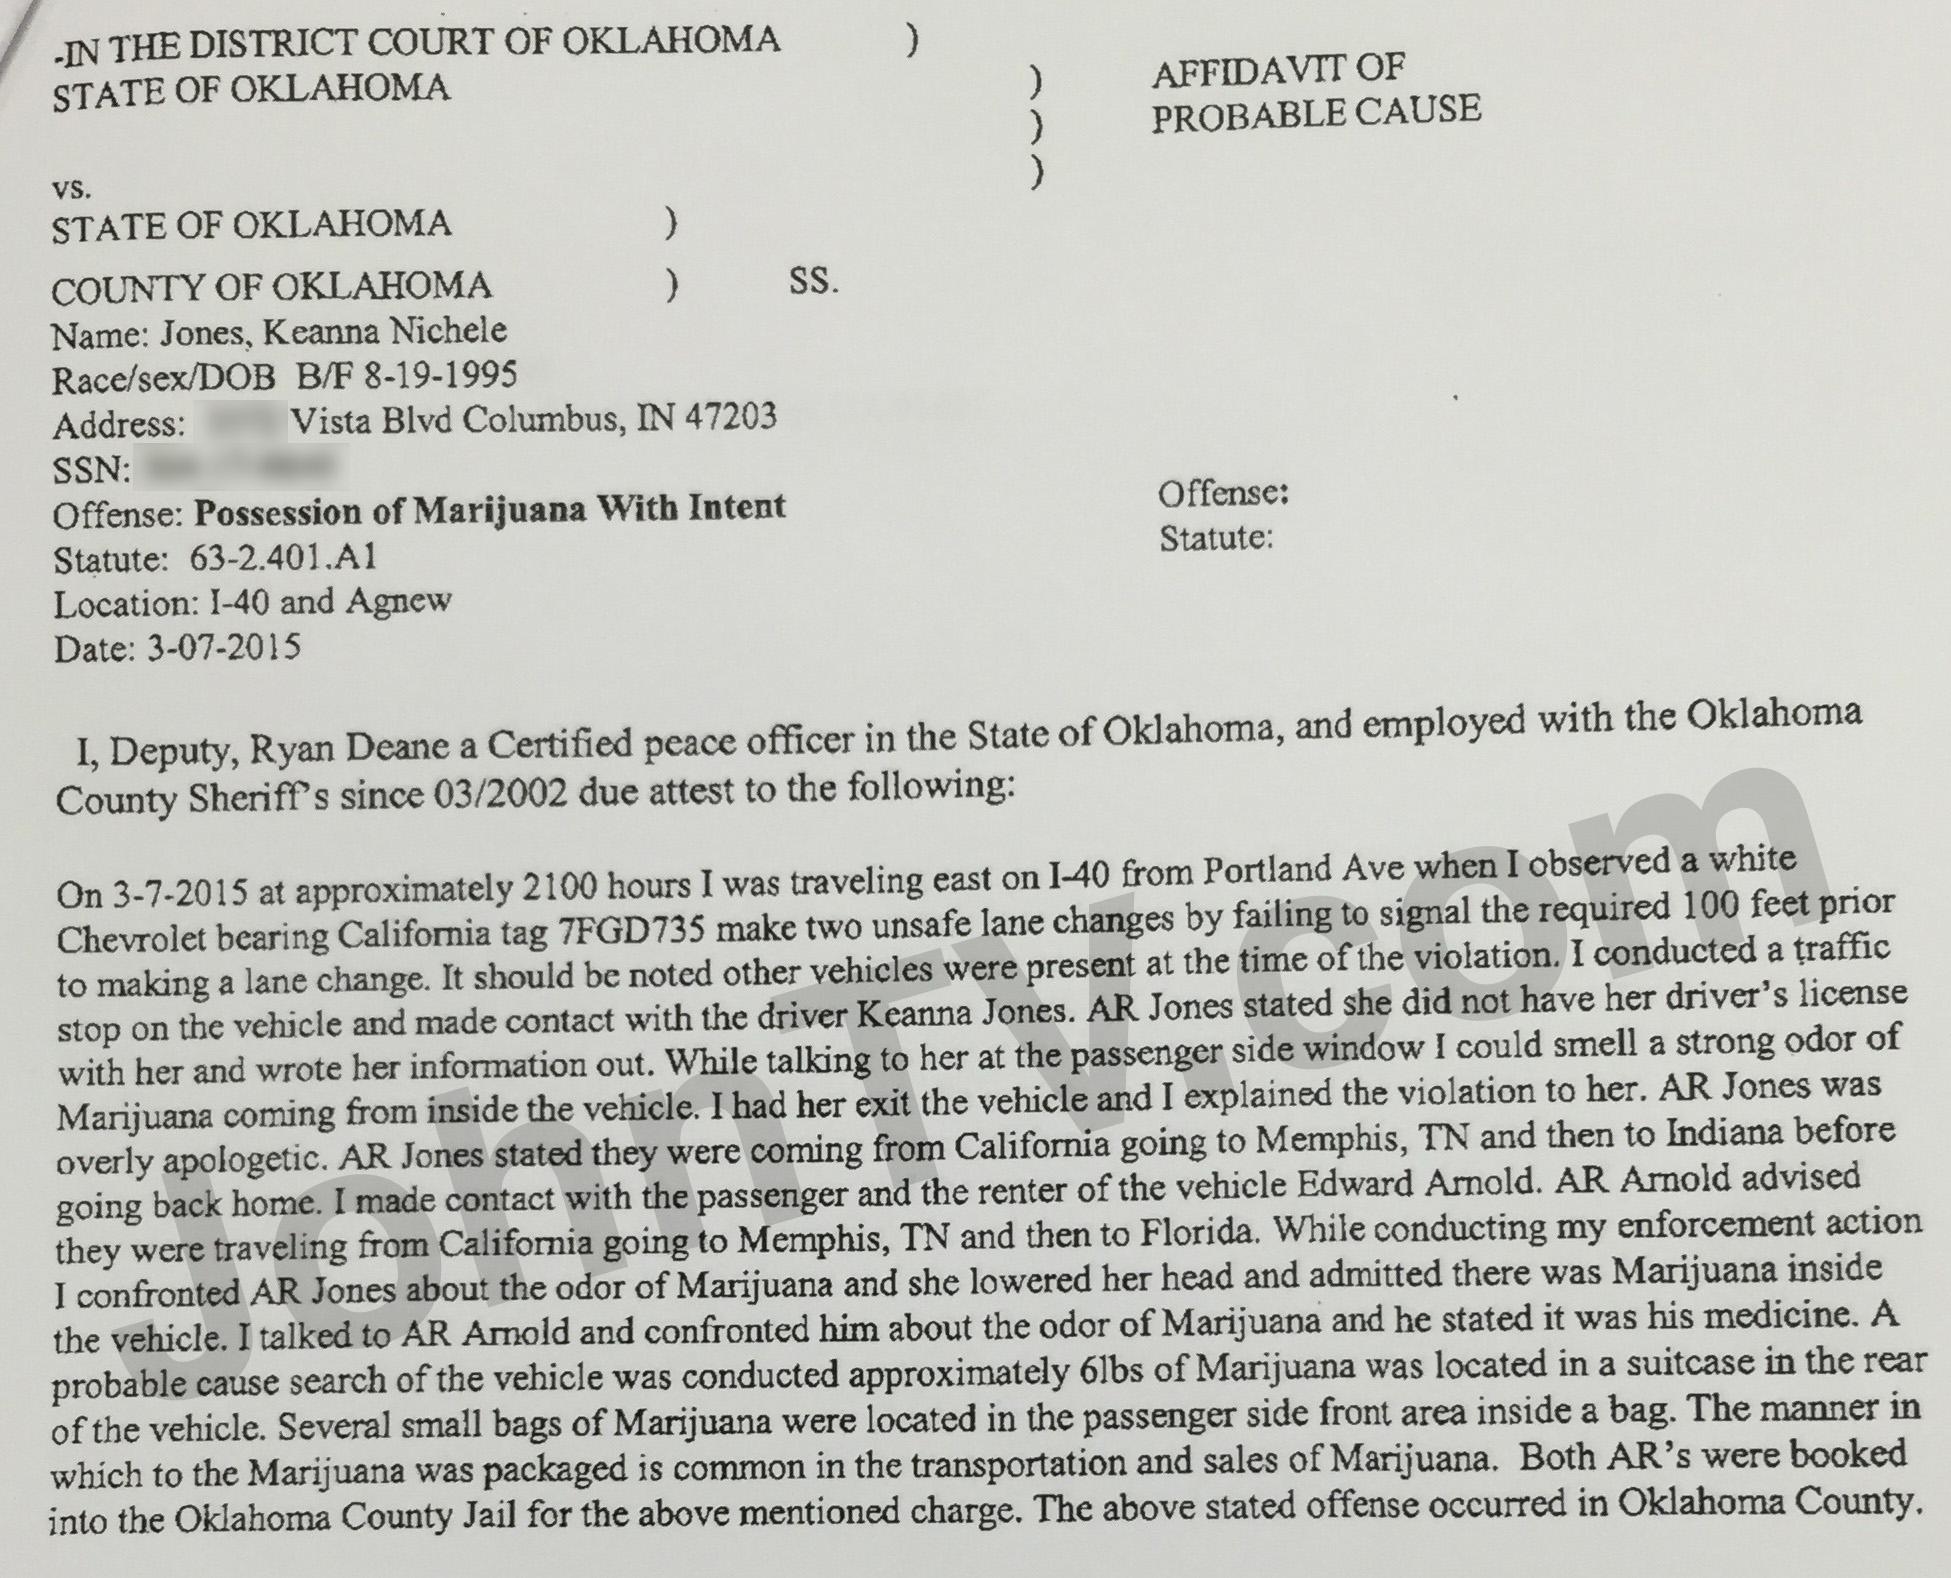 Keanna Jones and Edward Arnold's probable cause affidavit.